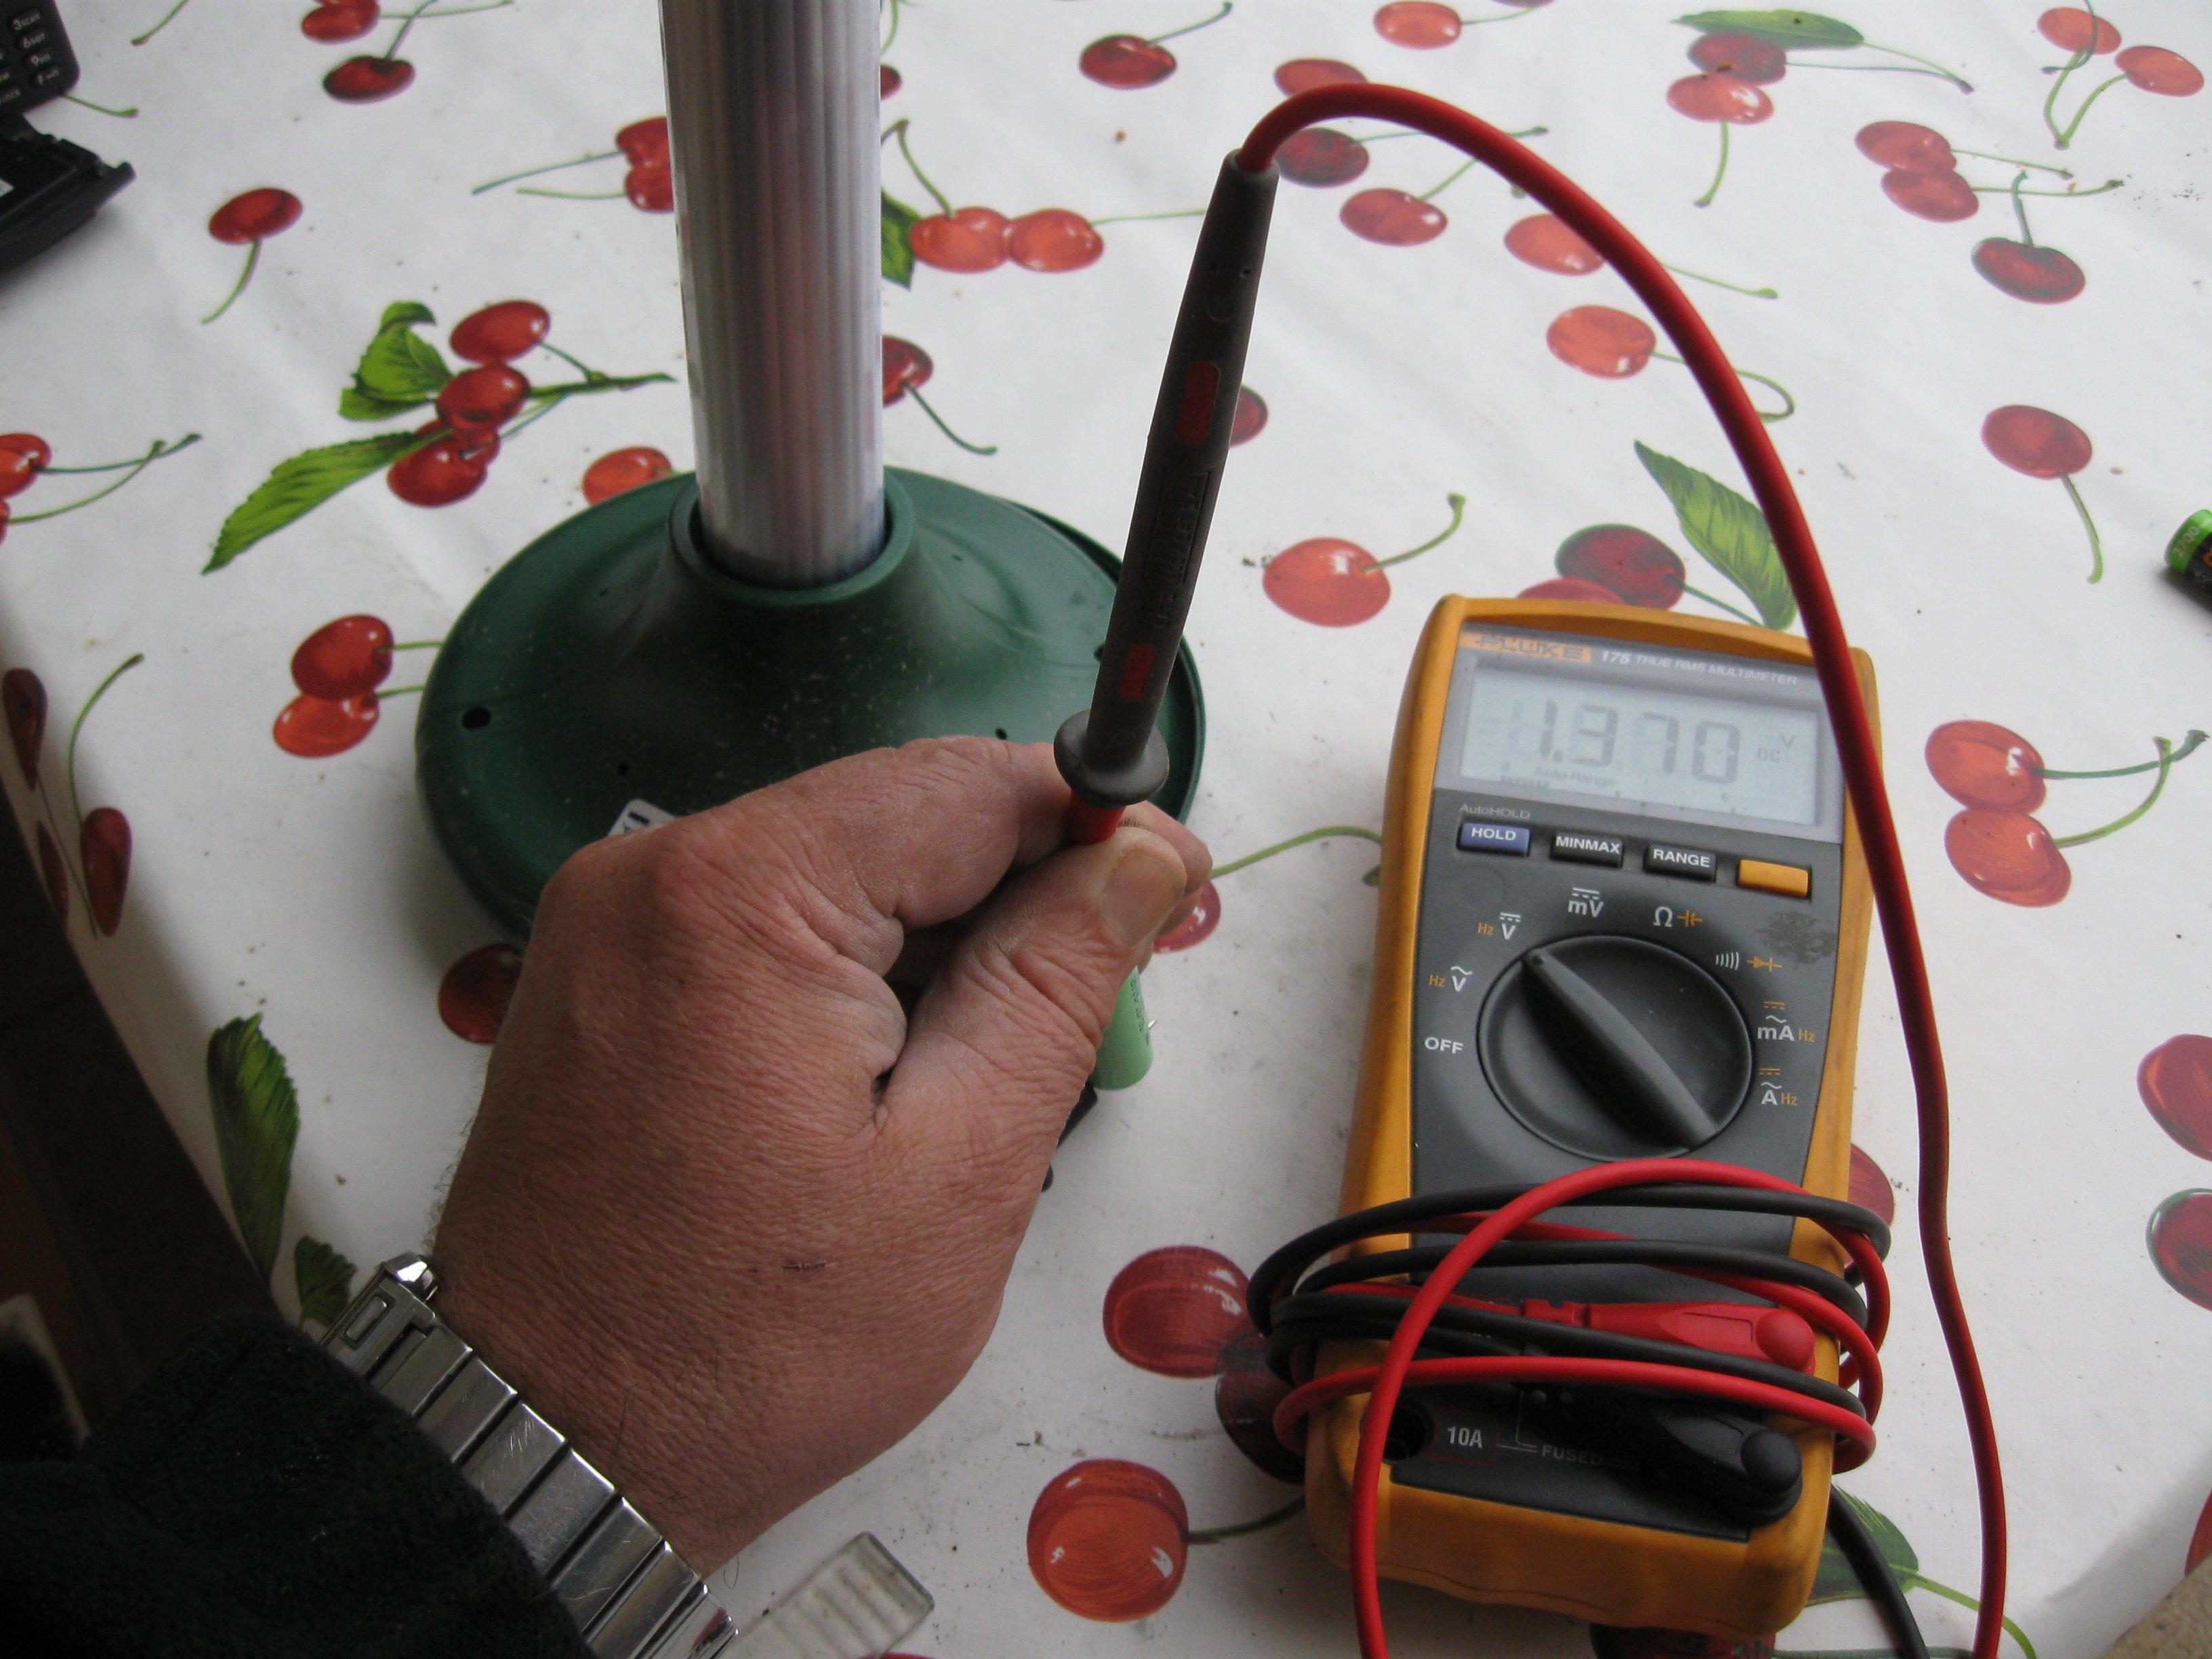 Den geladenen Original-Akku gemessen und wieder in das Gerät eingebaut